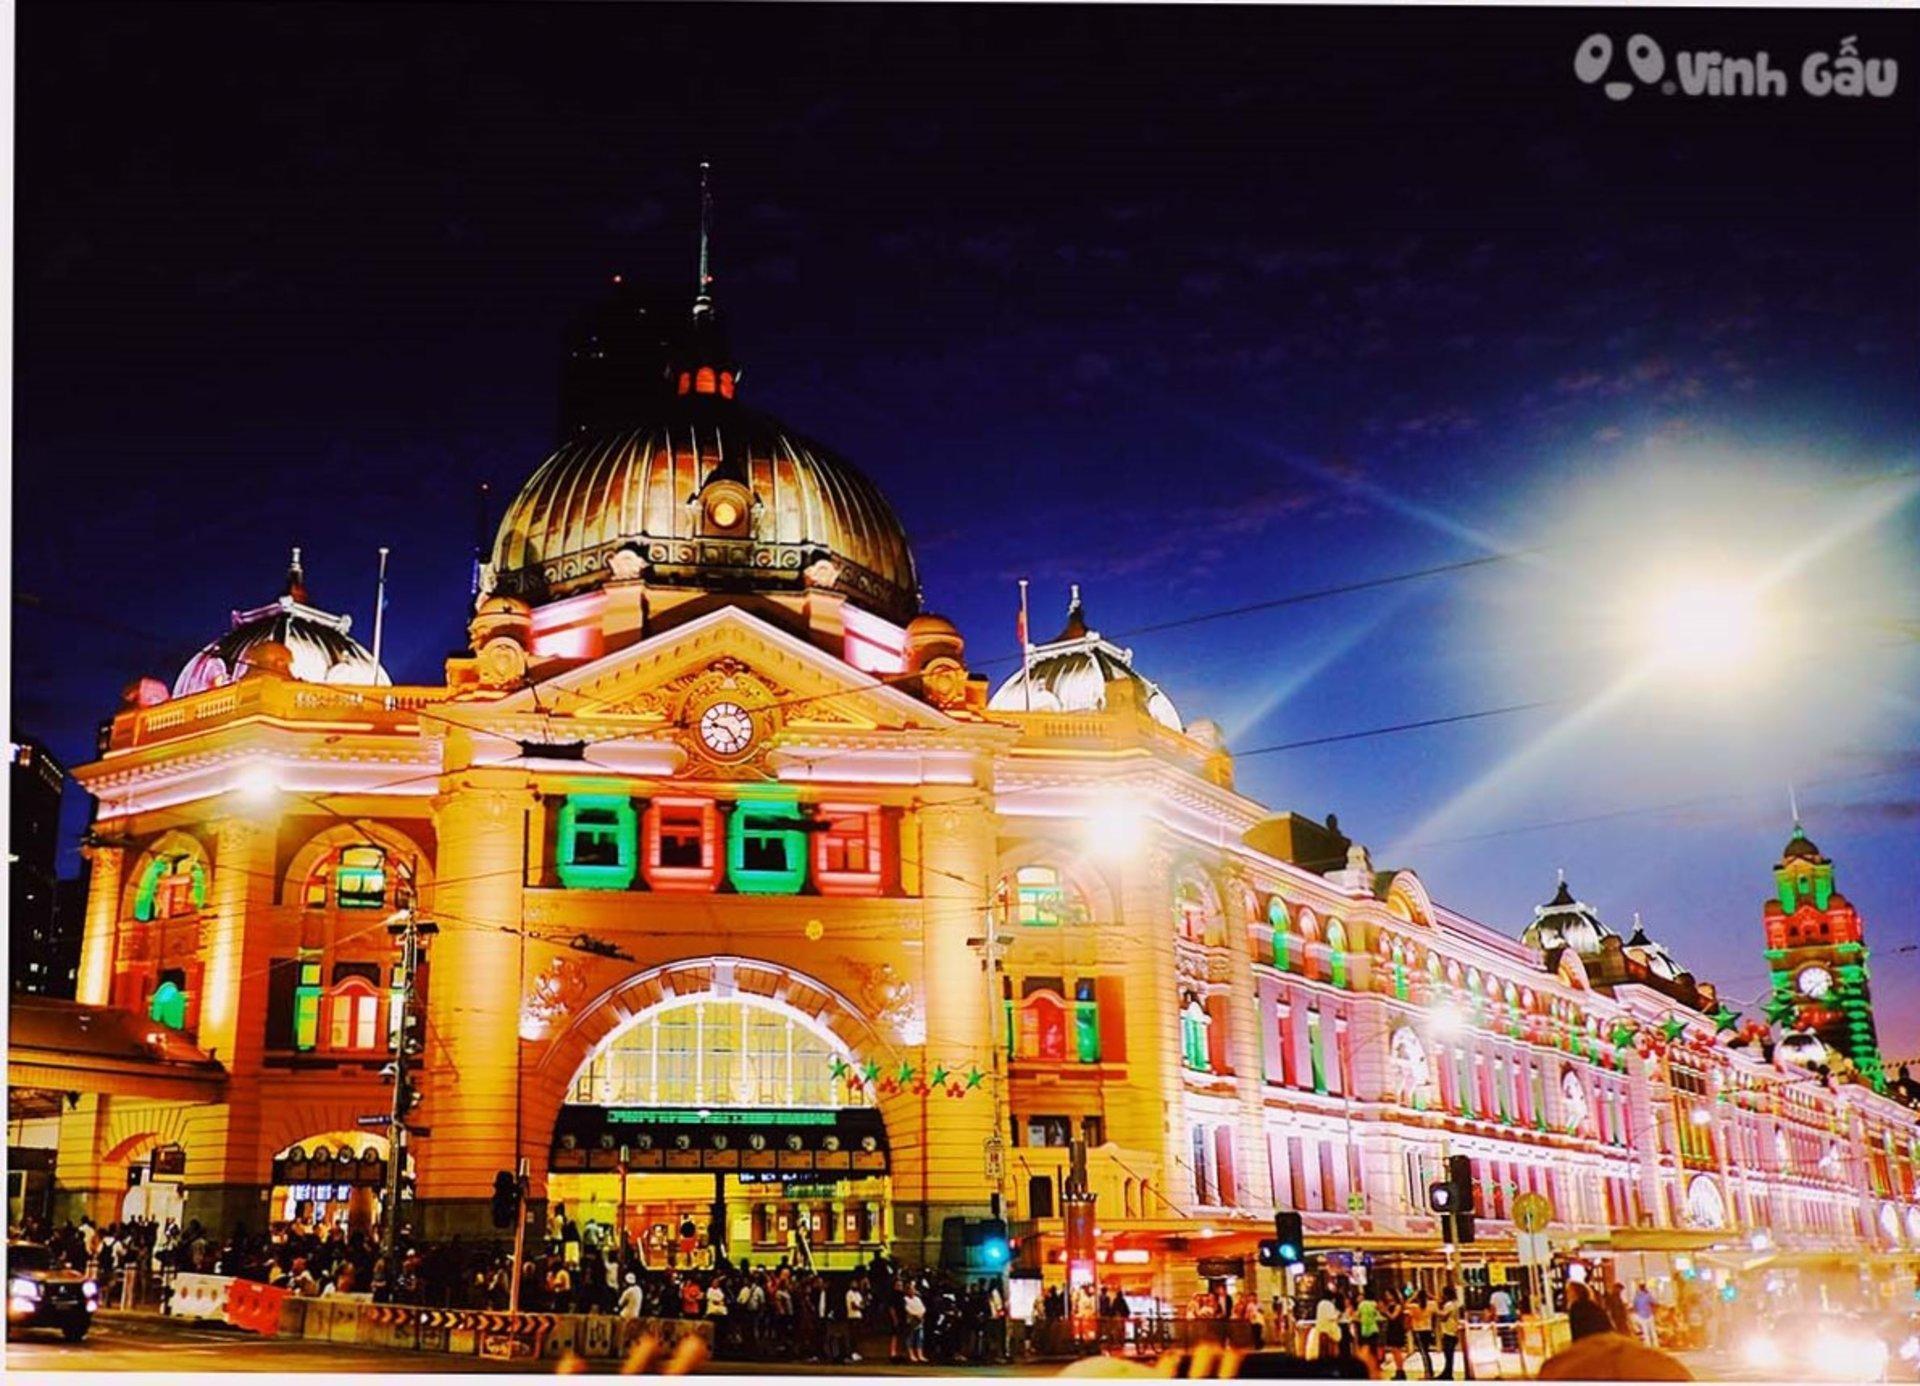 Khám phá Melbourne - Thành phố đáng sống nhất thế giới Thumbnail